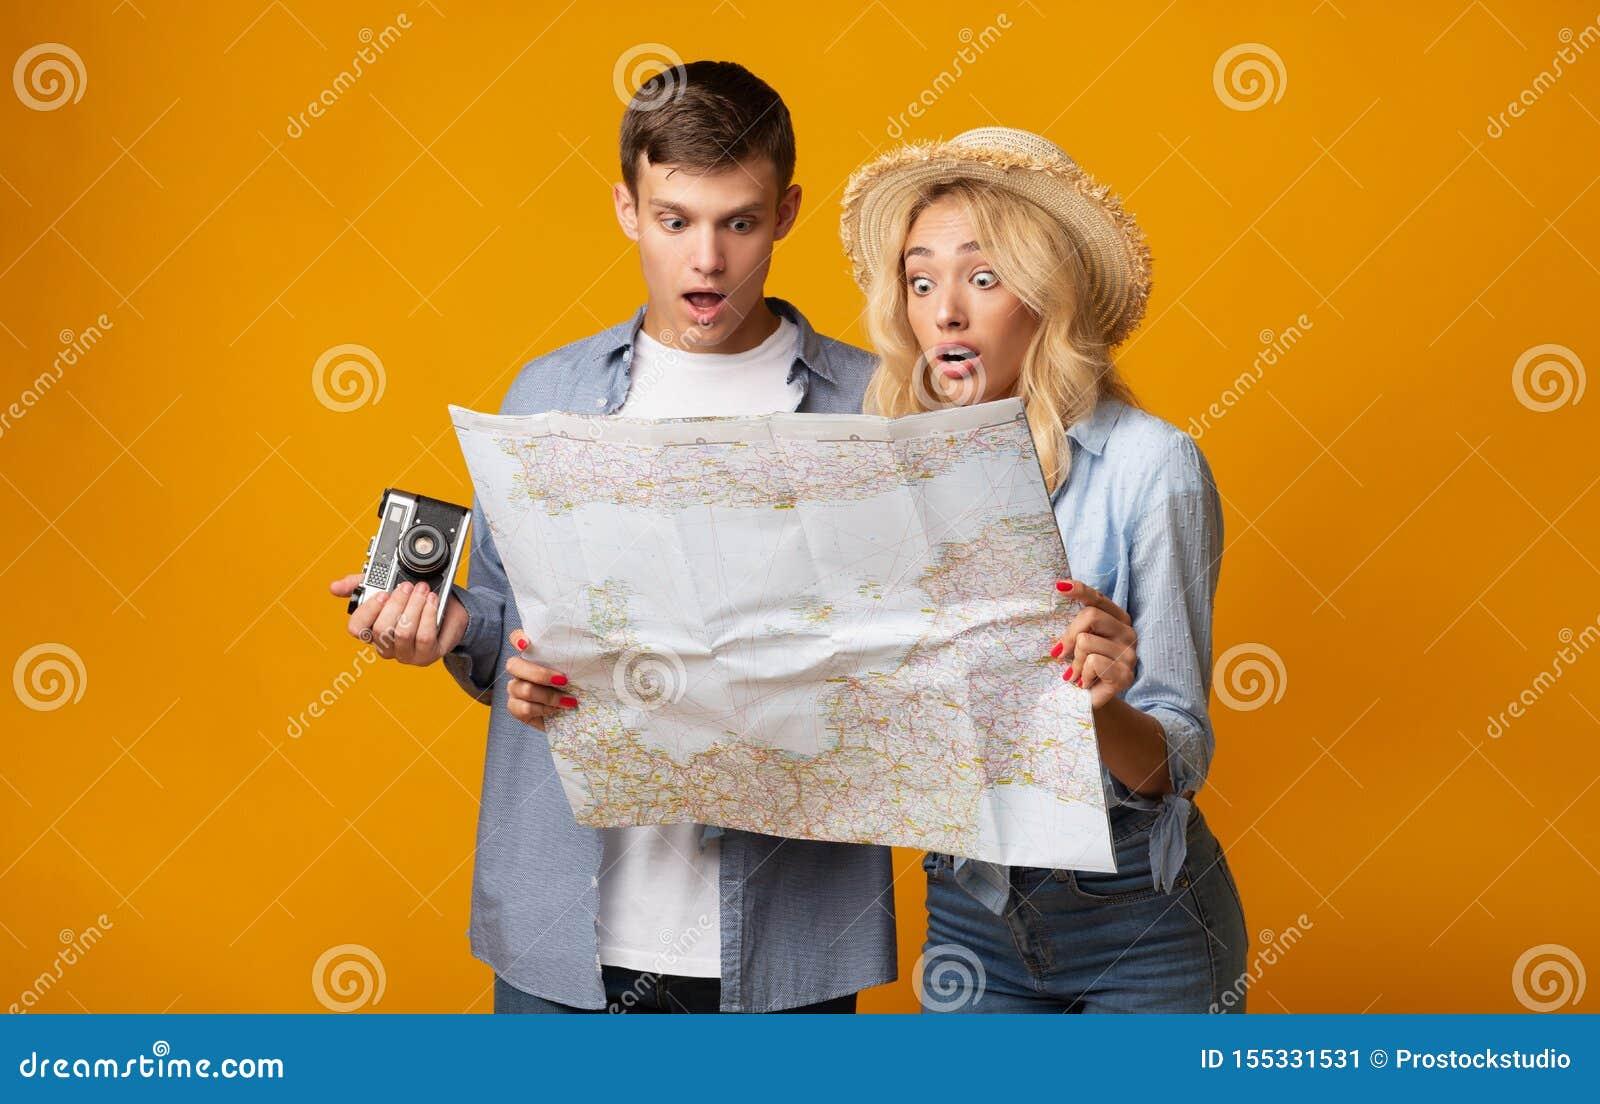 Pares jovenes de los turistas que sostienen un mapa que es chocado